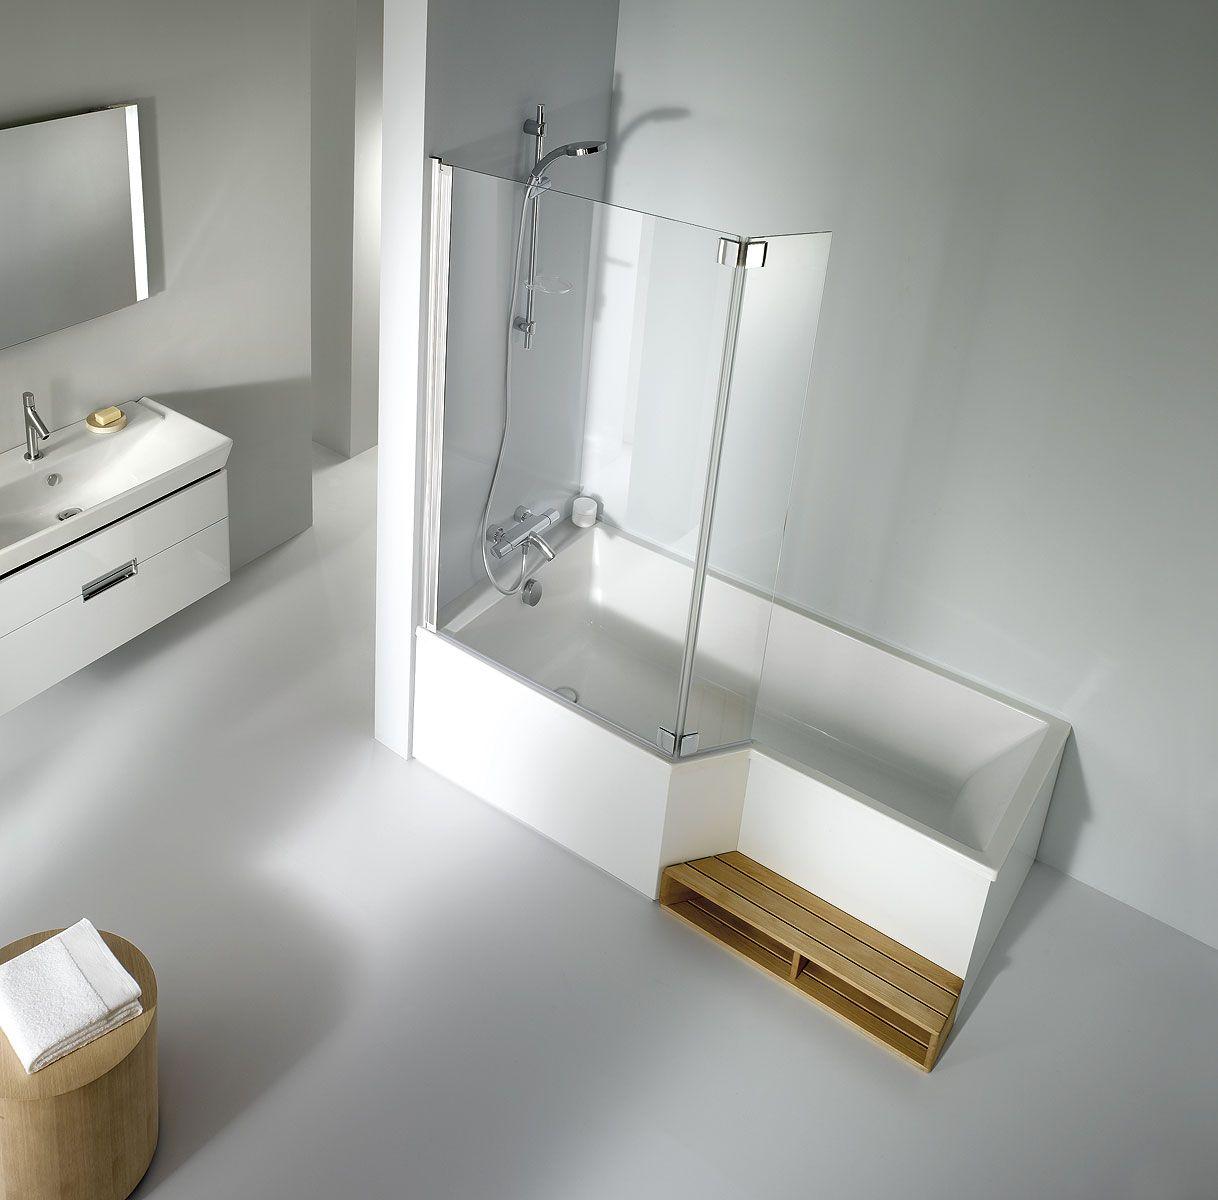 D�couvrez cette baignoire deux en un, � la fois baignoire et douche. � choisir selon ses besoins en version droite ou gauche.